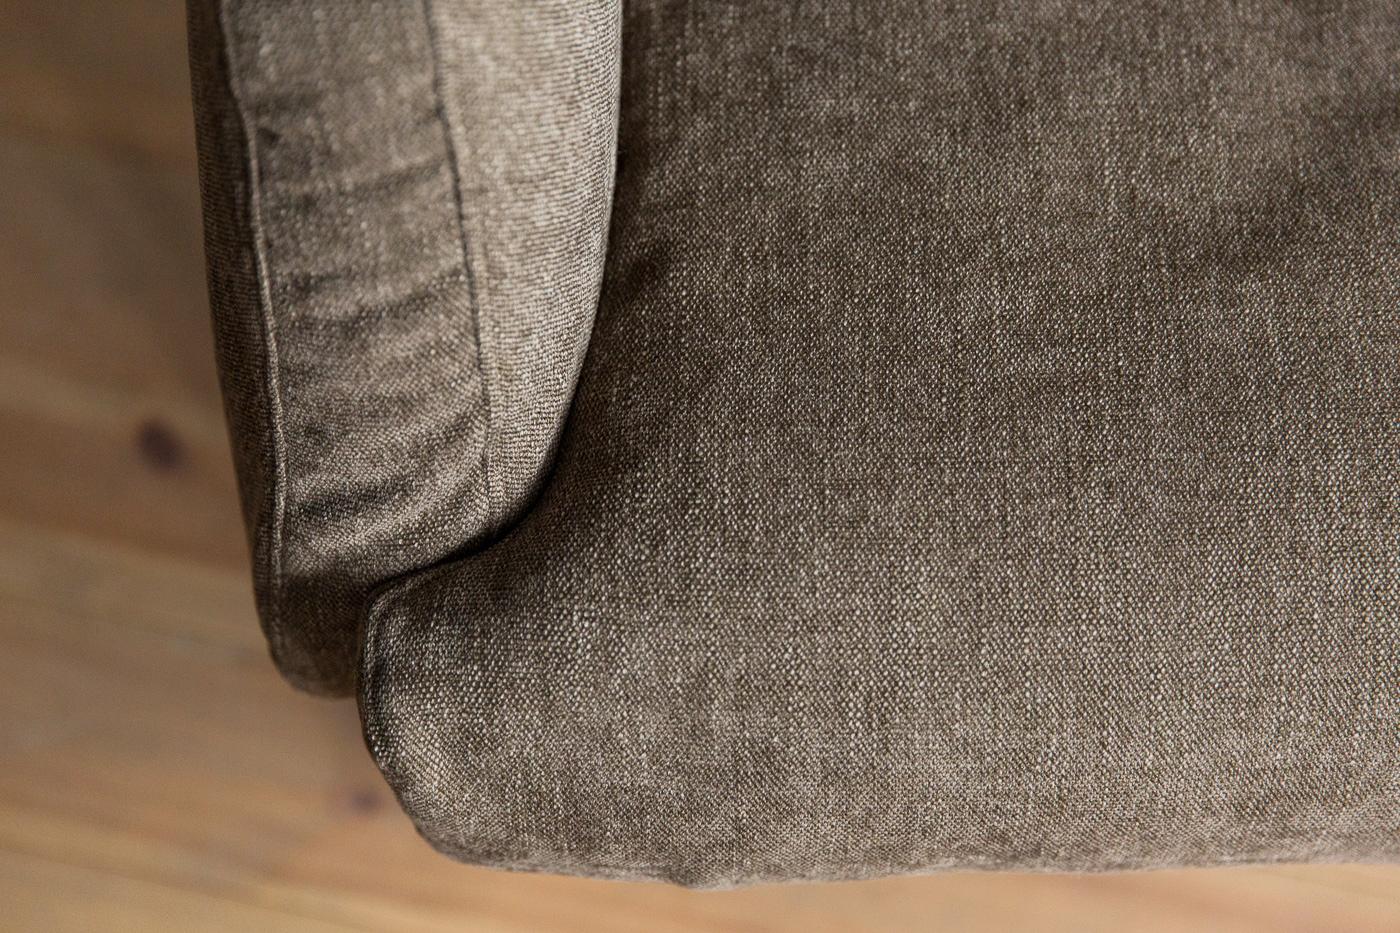 座面は羽毛+ウレタンフォームの2層、背面はチップウレタンフォームを加えた3層、肘掛けはさらに樹脂綿を加えた4層からなり、身体を包み込むように受け止めてくれます。張地は32種の素材・カラーから選択可能。